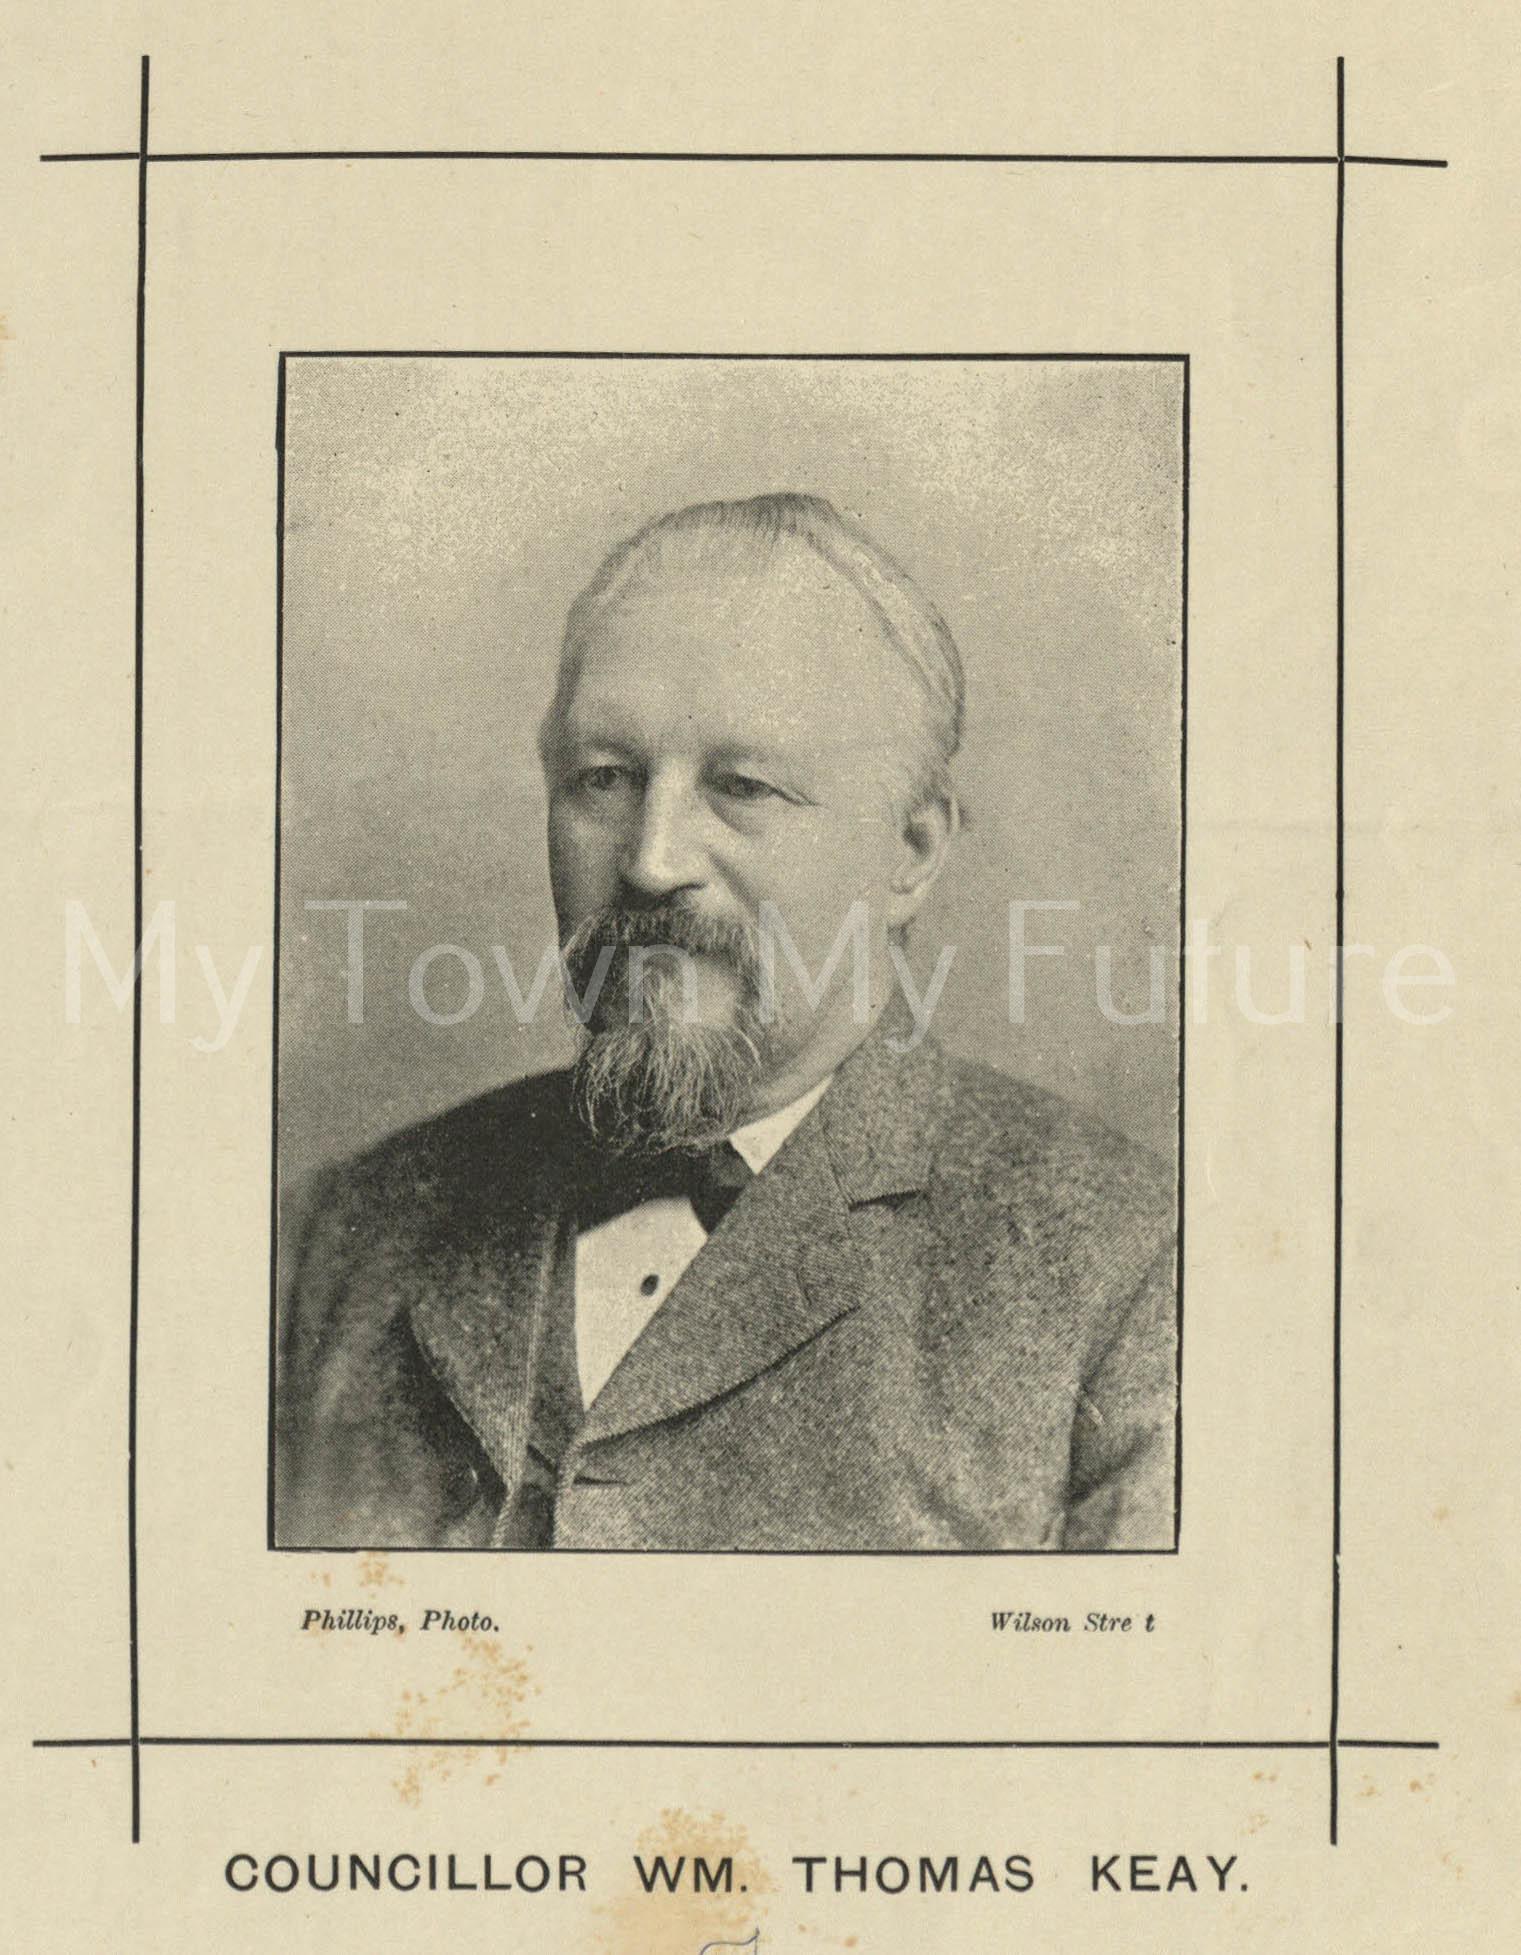 Councillor WM. Thomas Keay